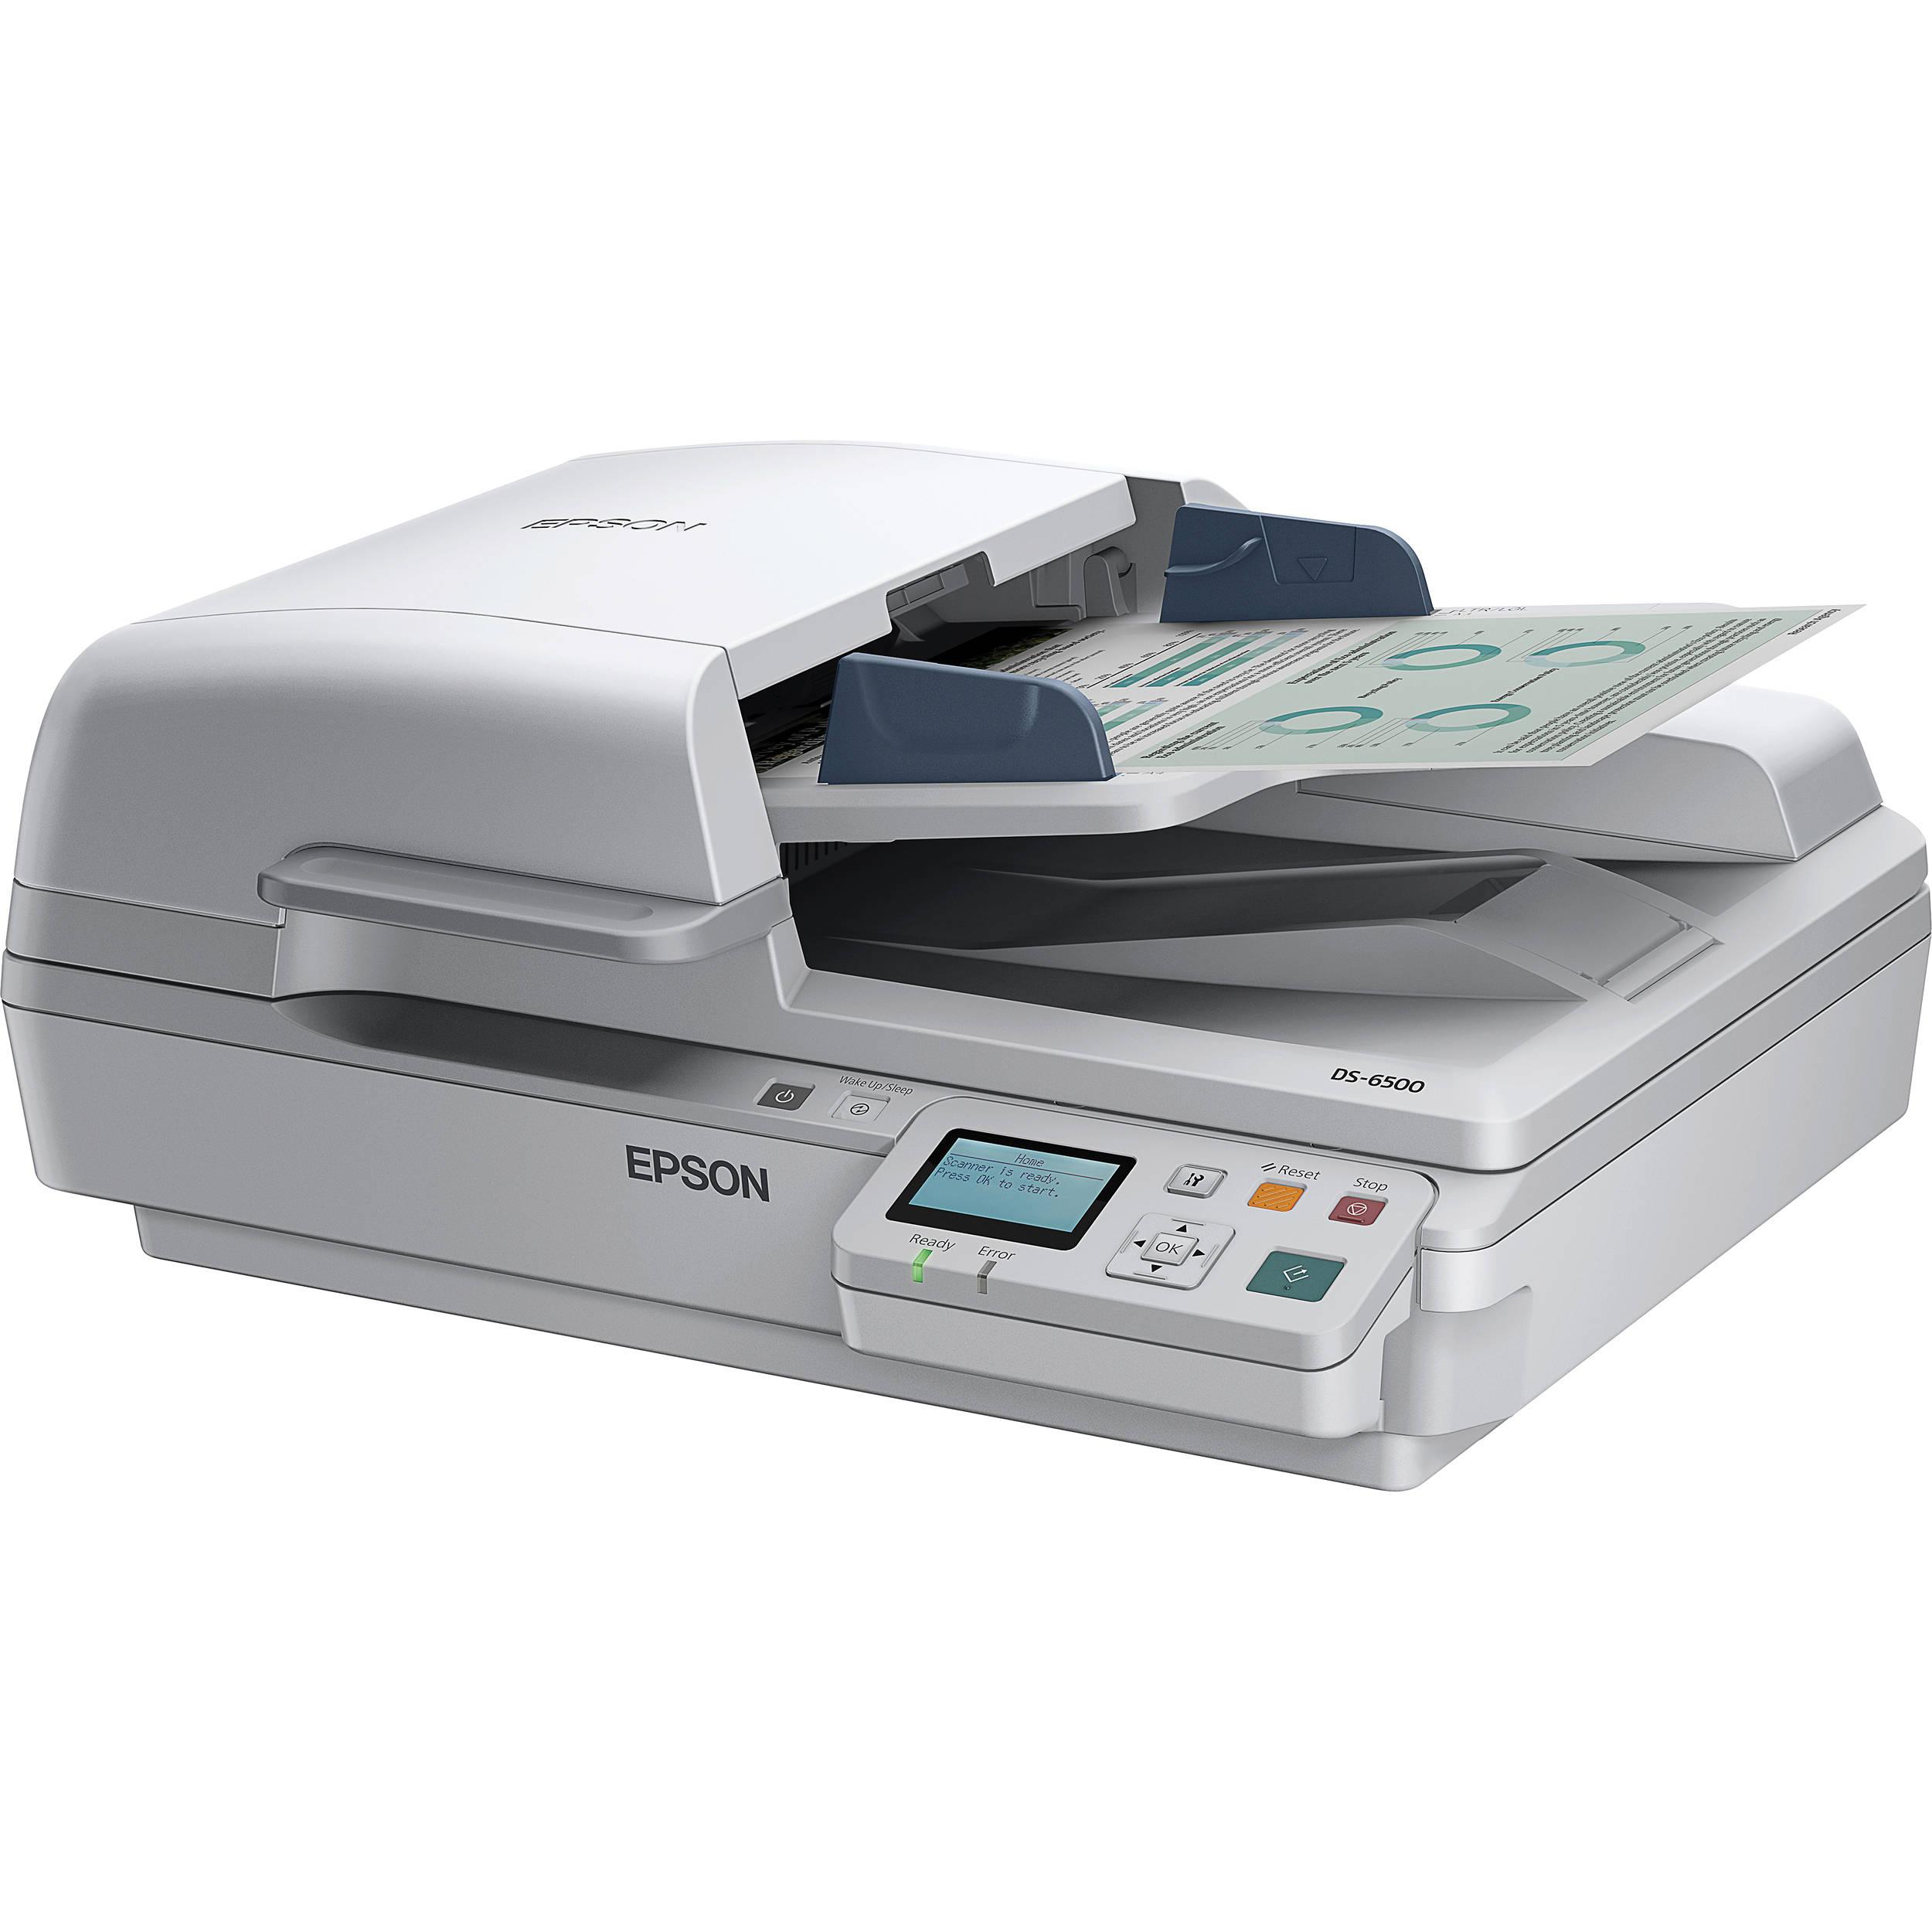 قیمت                      اسکنر اپسون مدل DS-6500